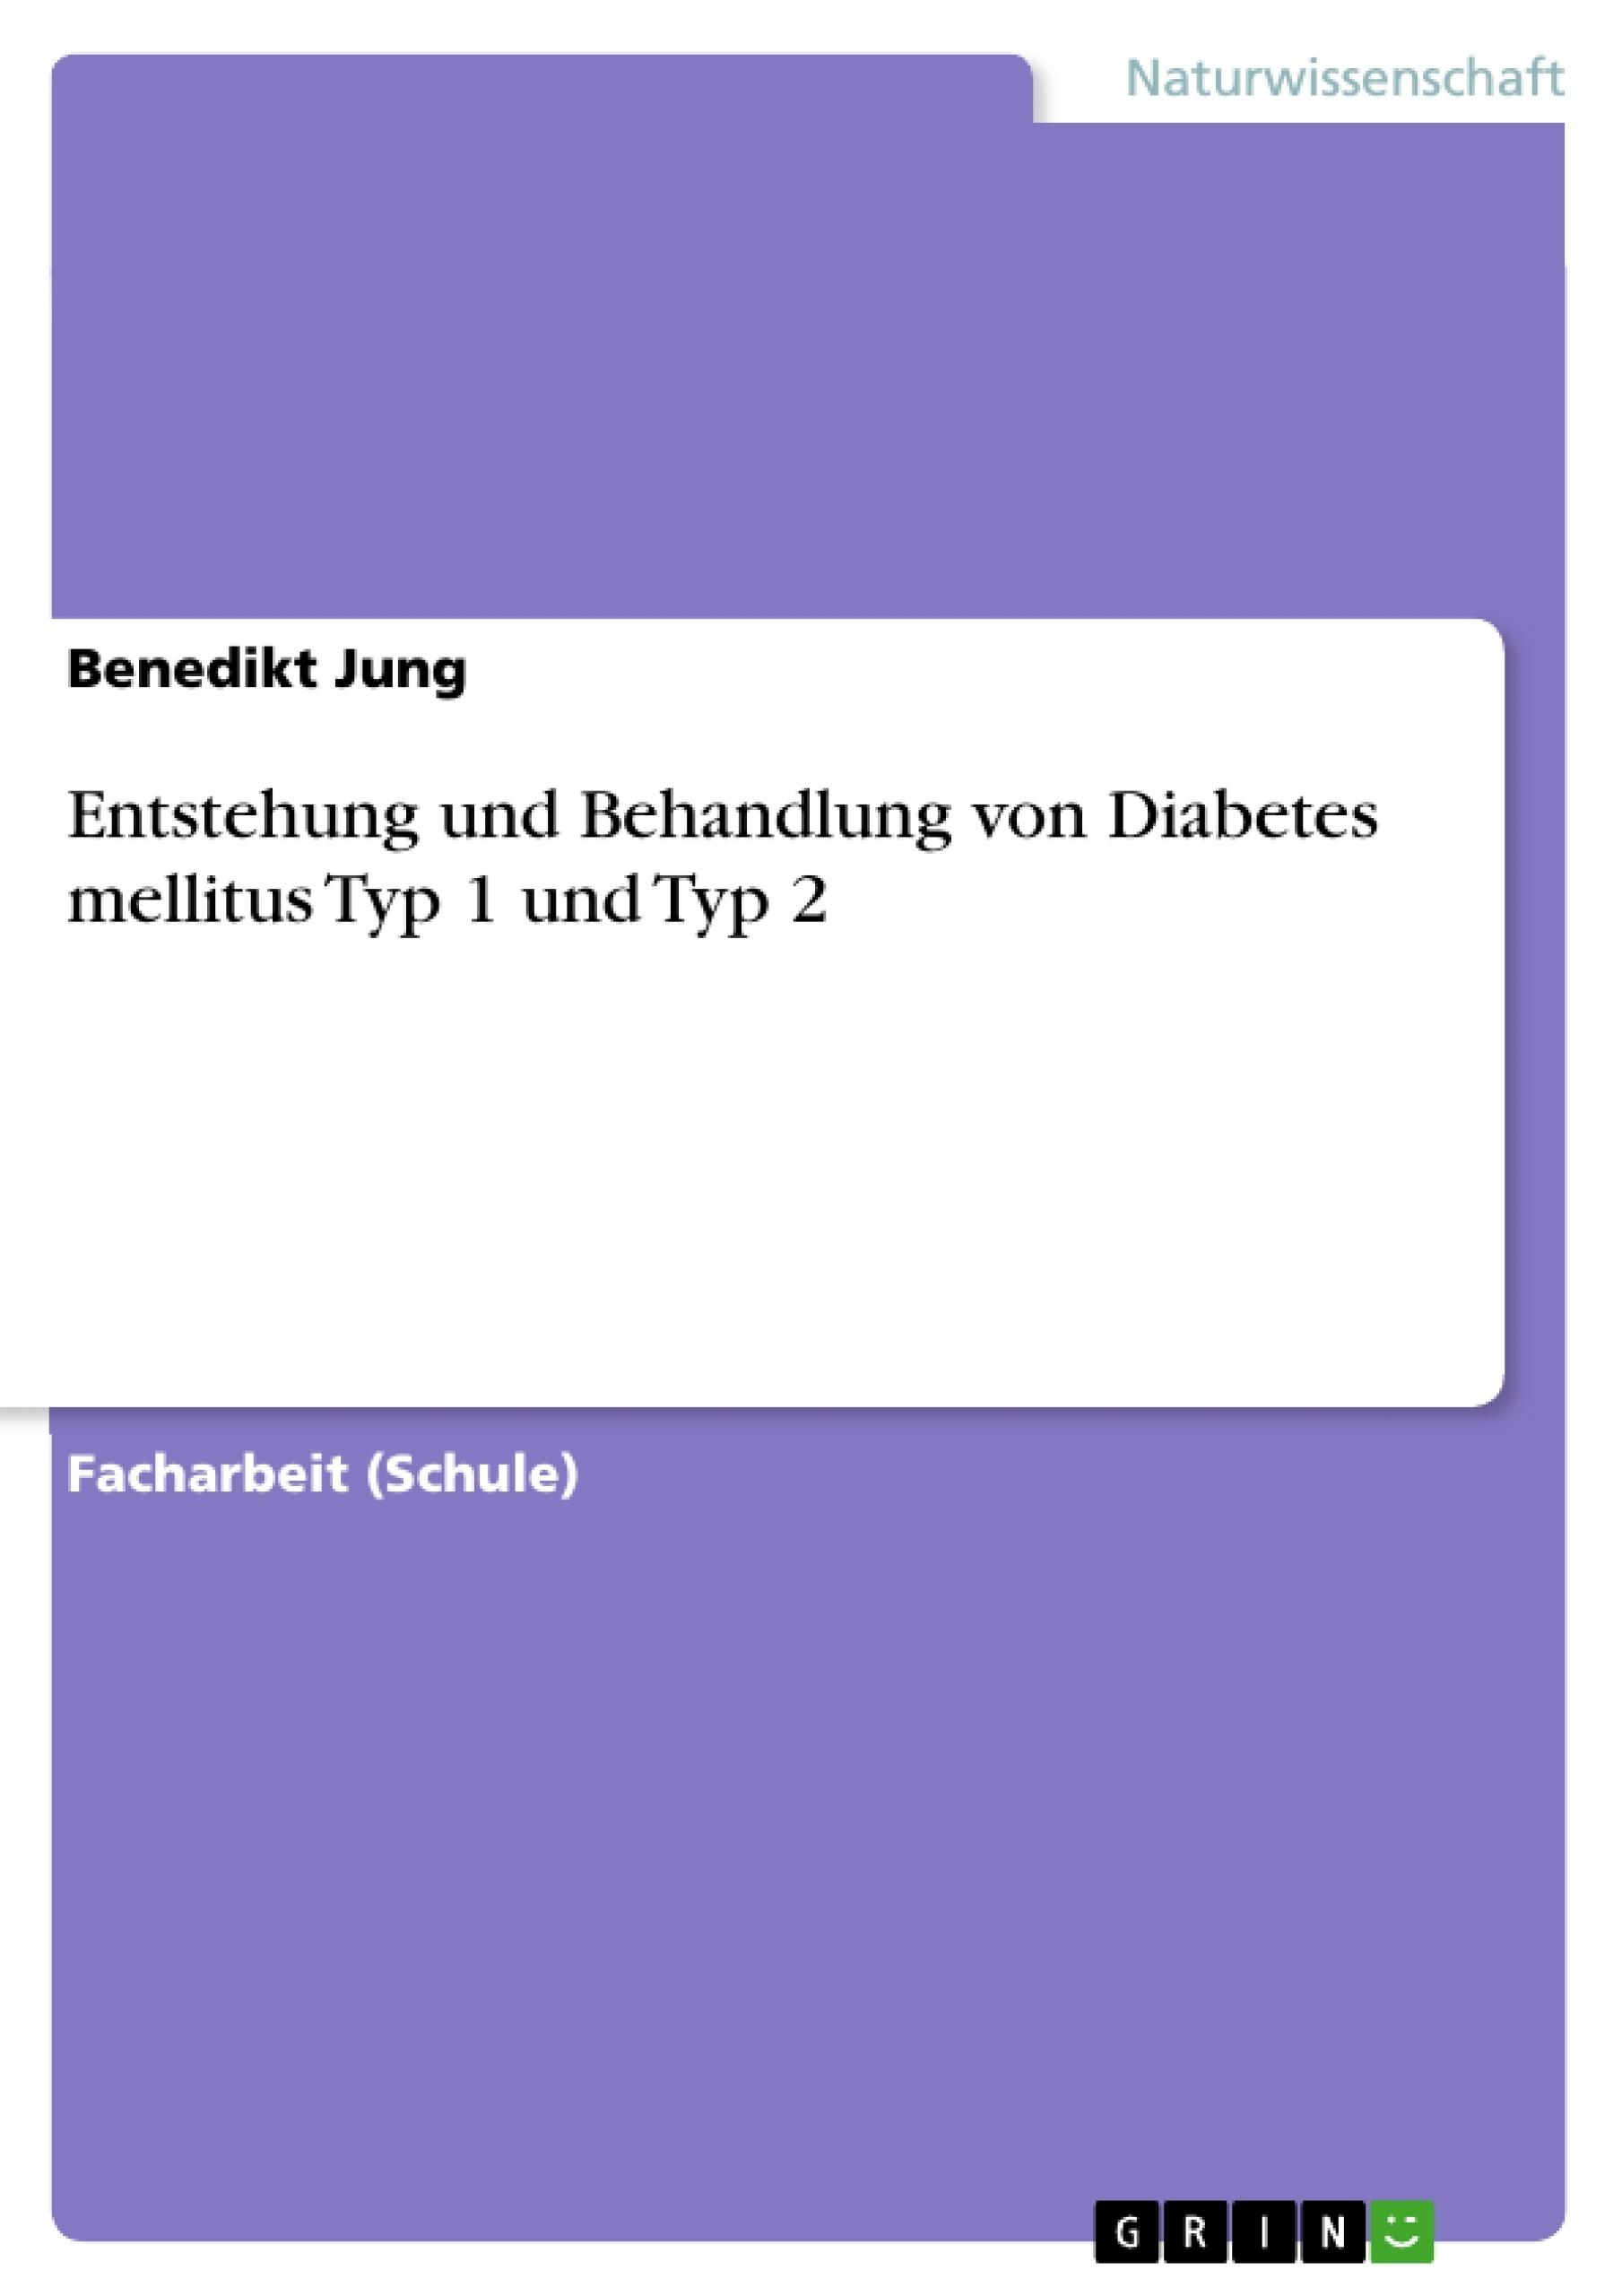 Titel: Entstehung und Behandlung von Diabetes mellitus Typ 1 und Typ 2